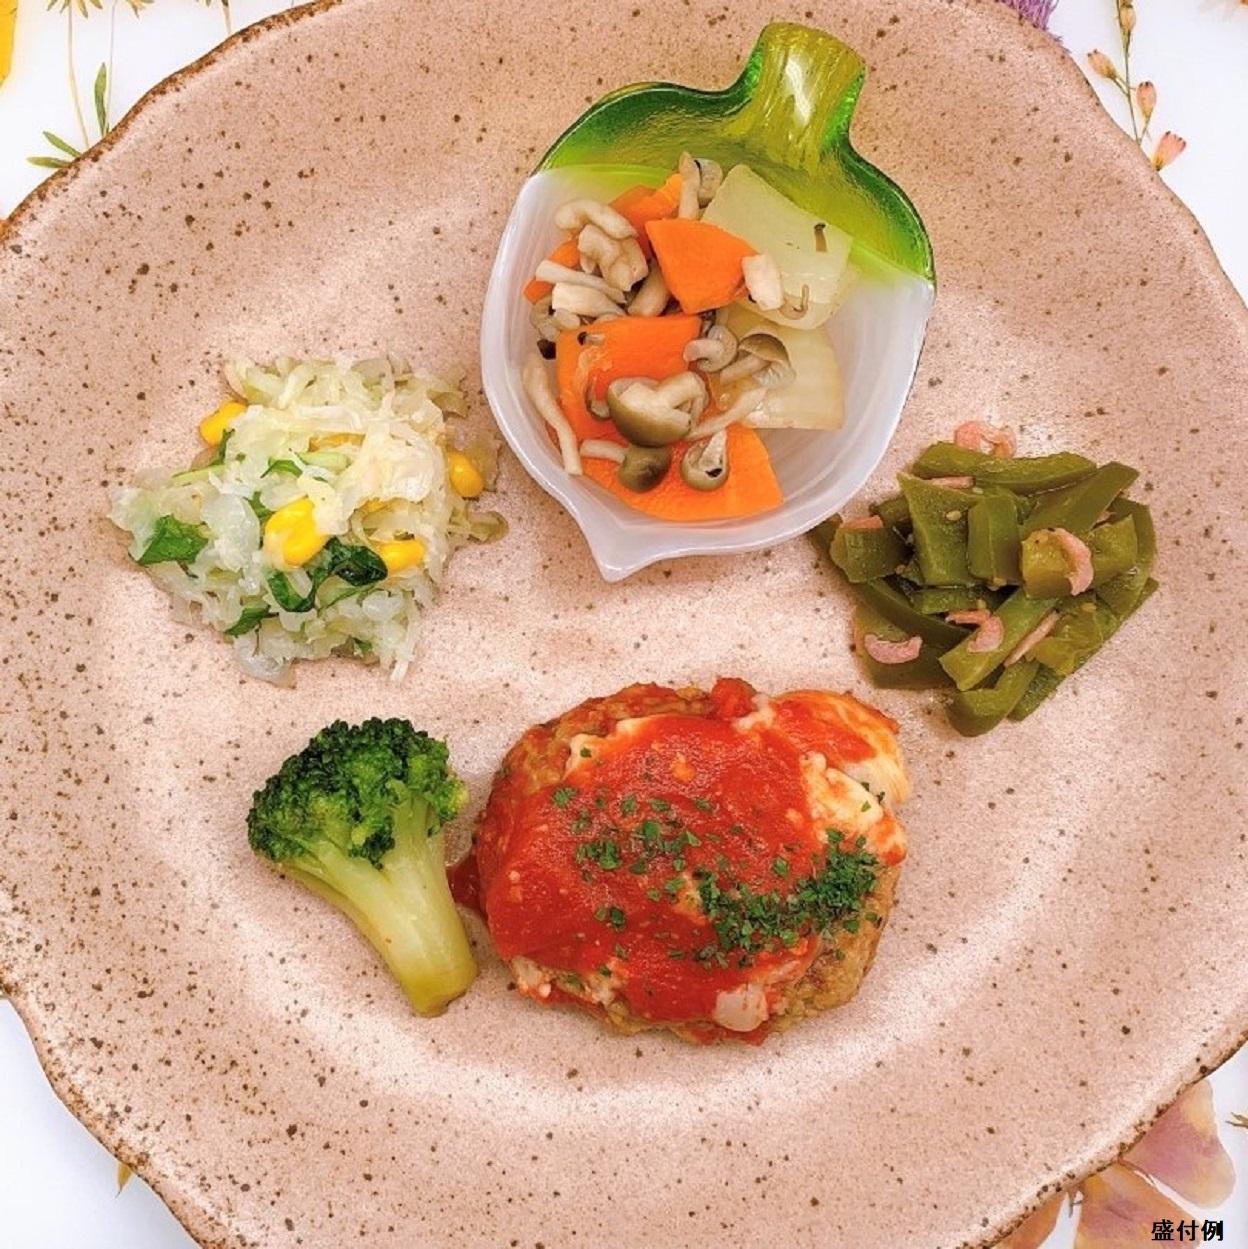 バランス健康食:チーズハンバーグセットD